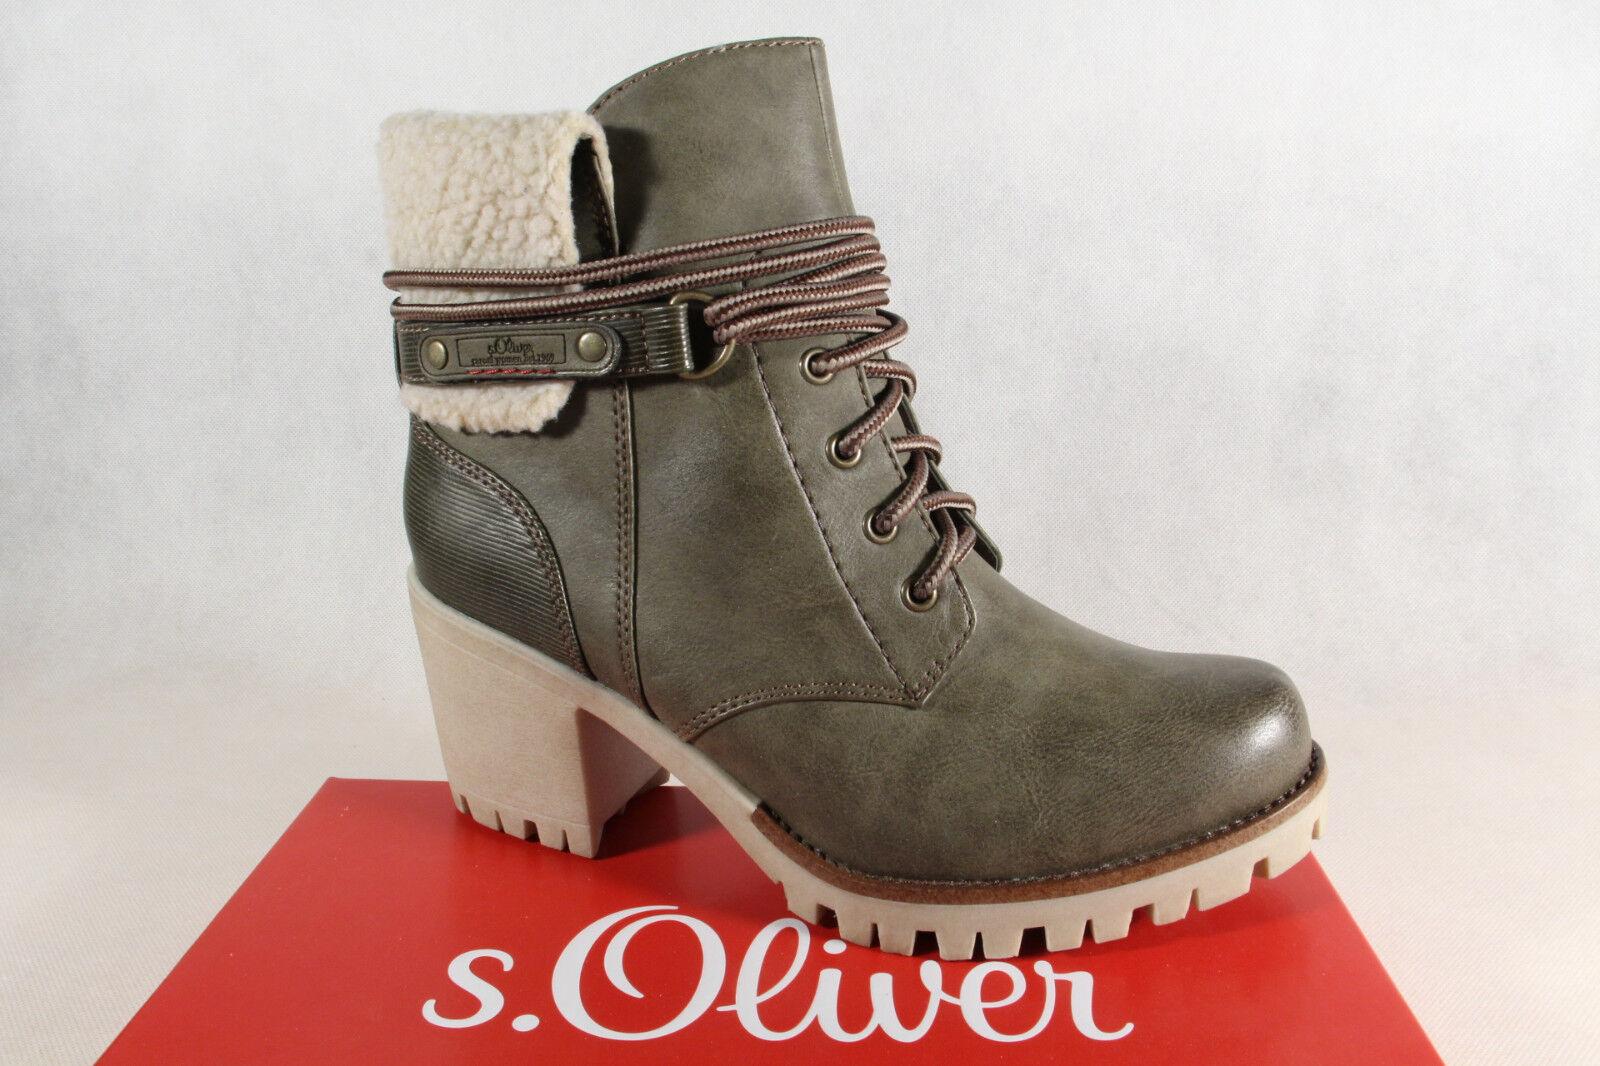 S.Oliver 26115 Stiefel, Stiefeletten Winterstiefel khaki NEU